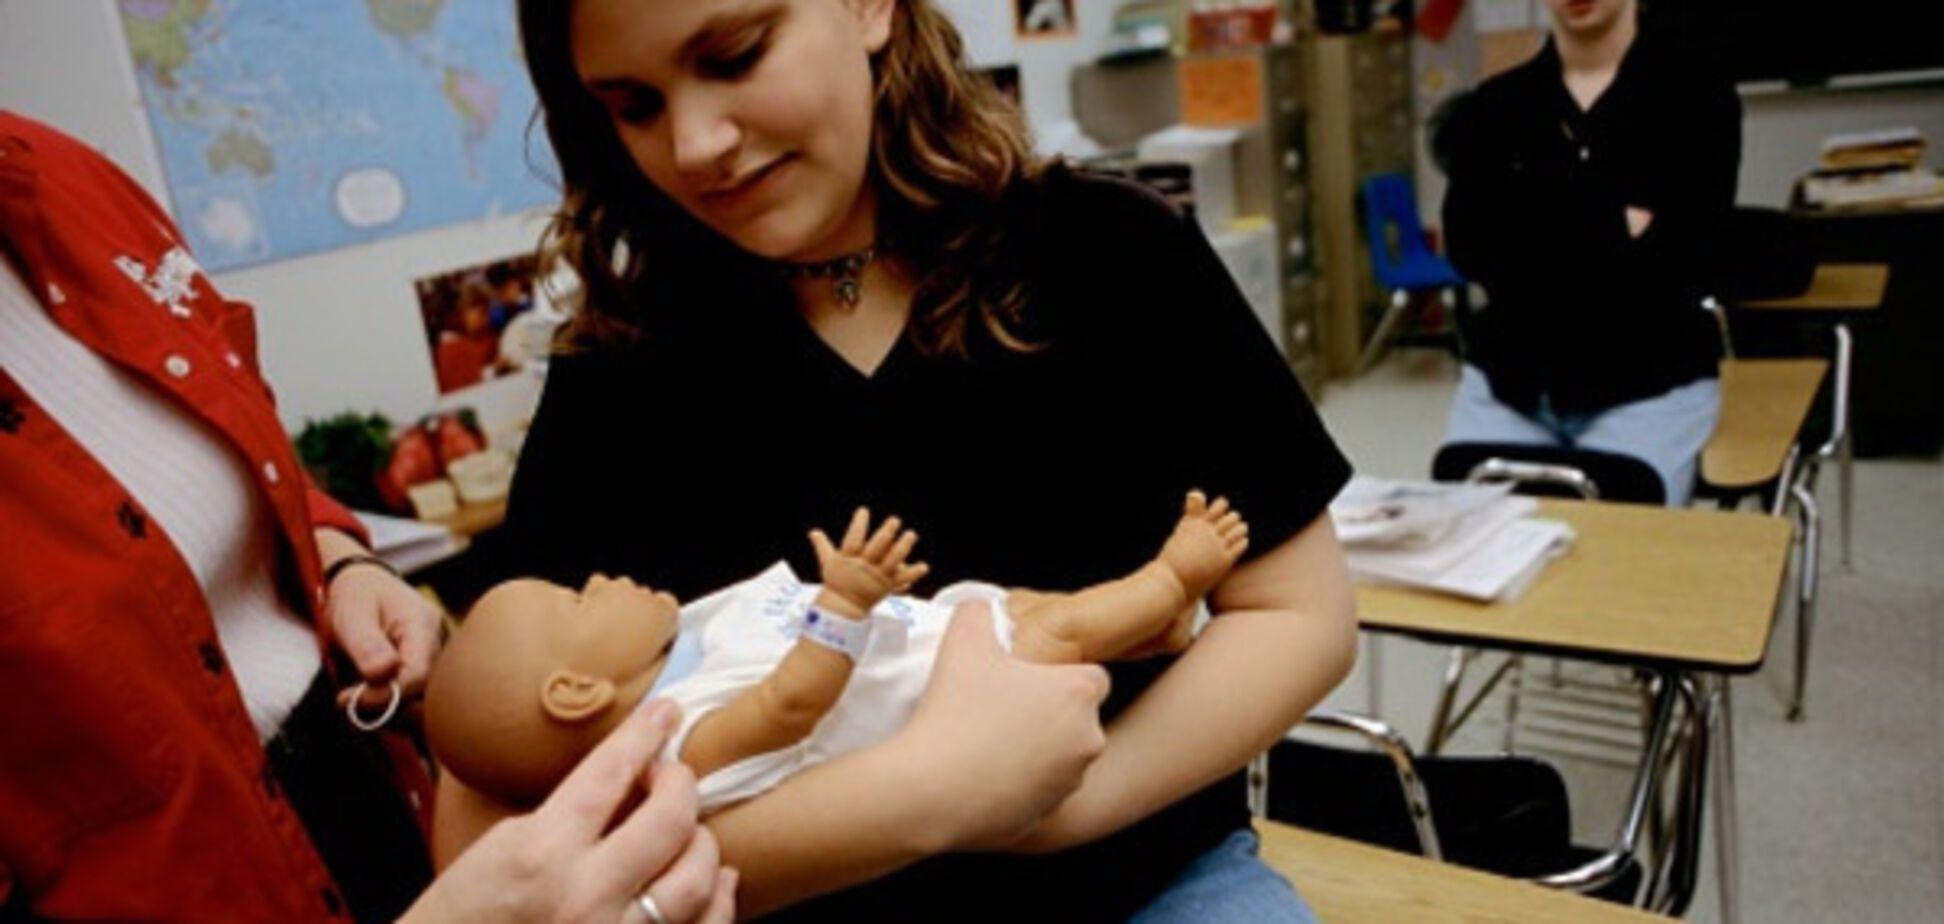 Мама в 16: чому юні українки народжують і як їм допомогти